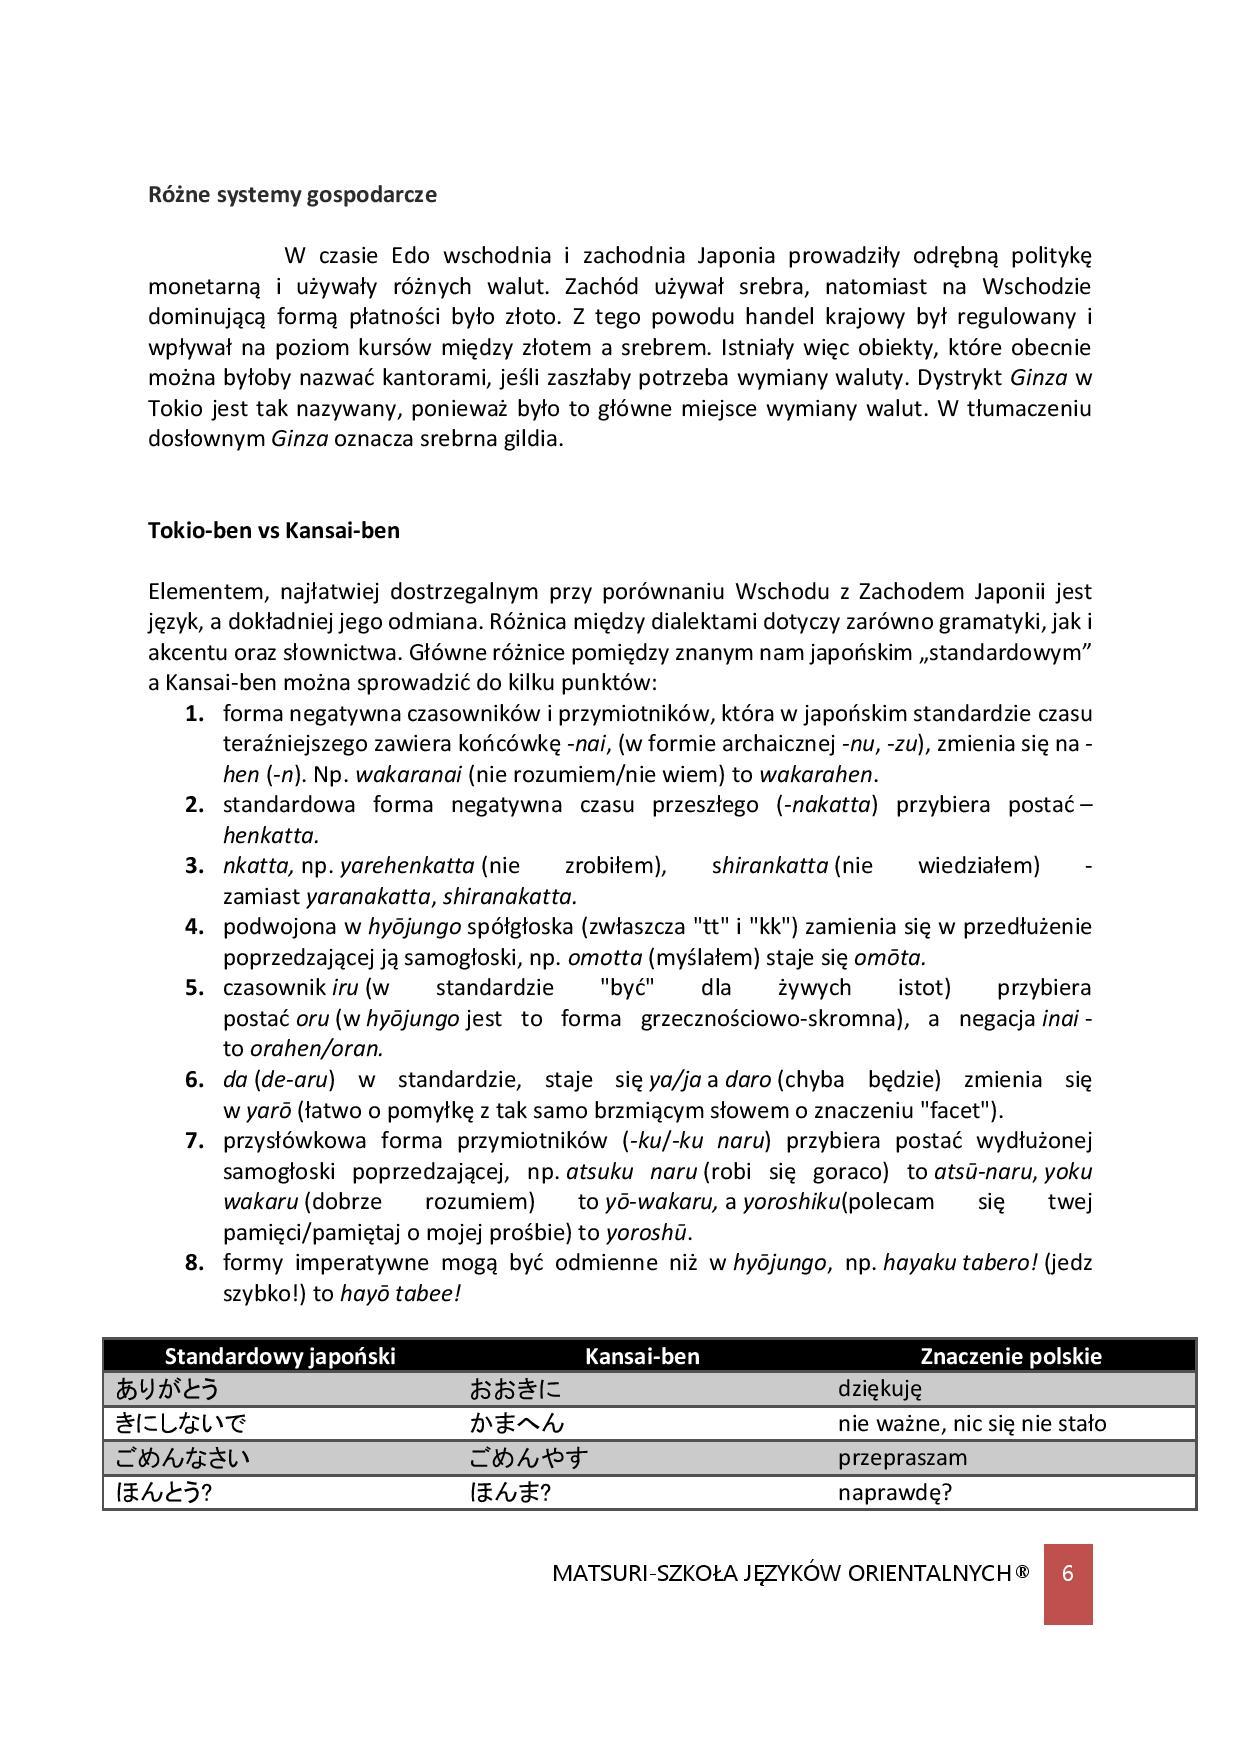 WSCHÓD KONTRA ZACHÓD – czyli różnice w kraju kwitnącej wiśni-page-006